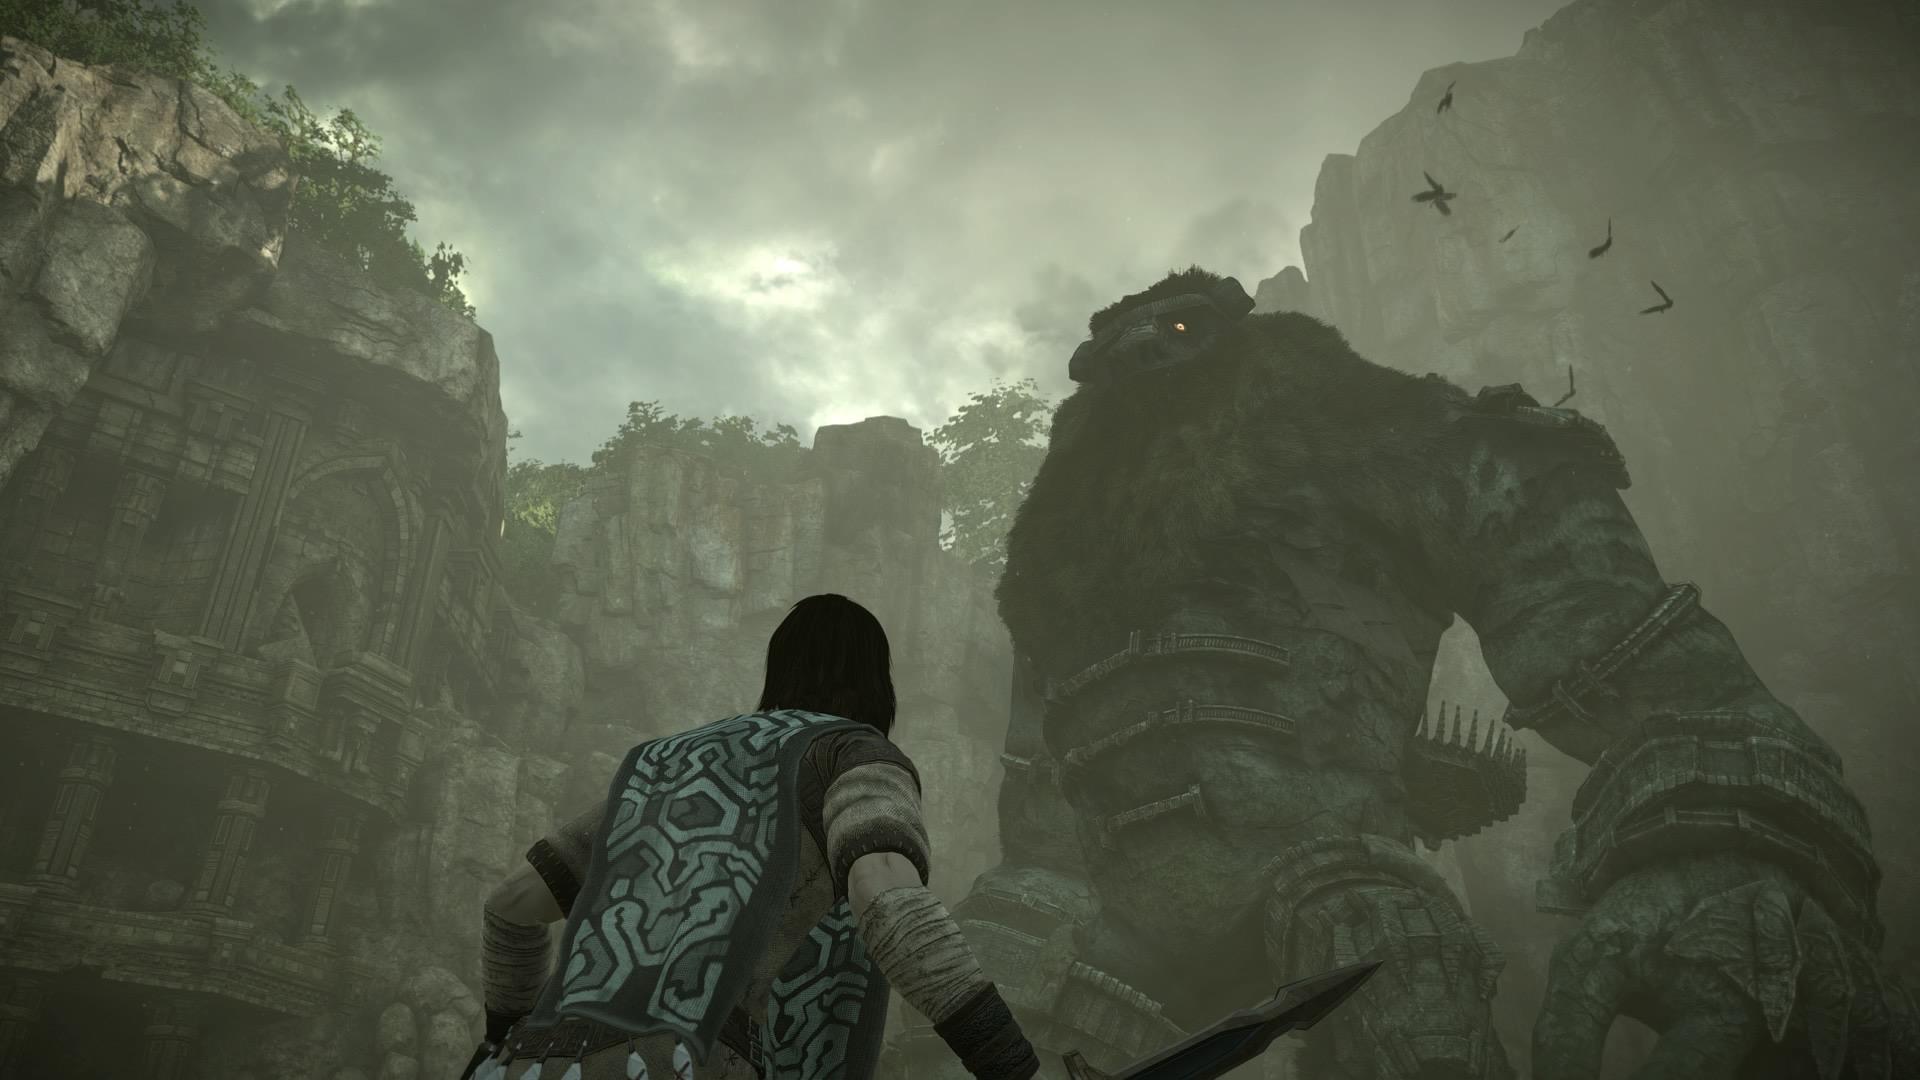 Najlepsze gry 2018 na wyłączność dla PlayStation: Shadow of the Colossus